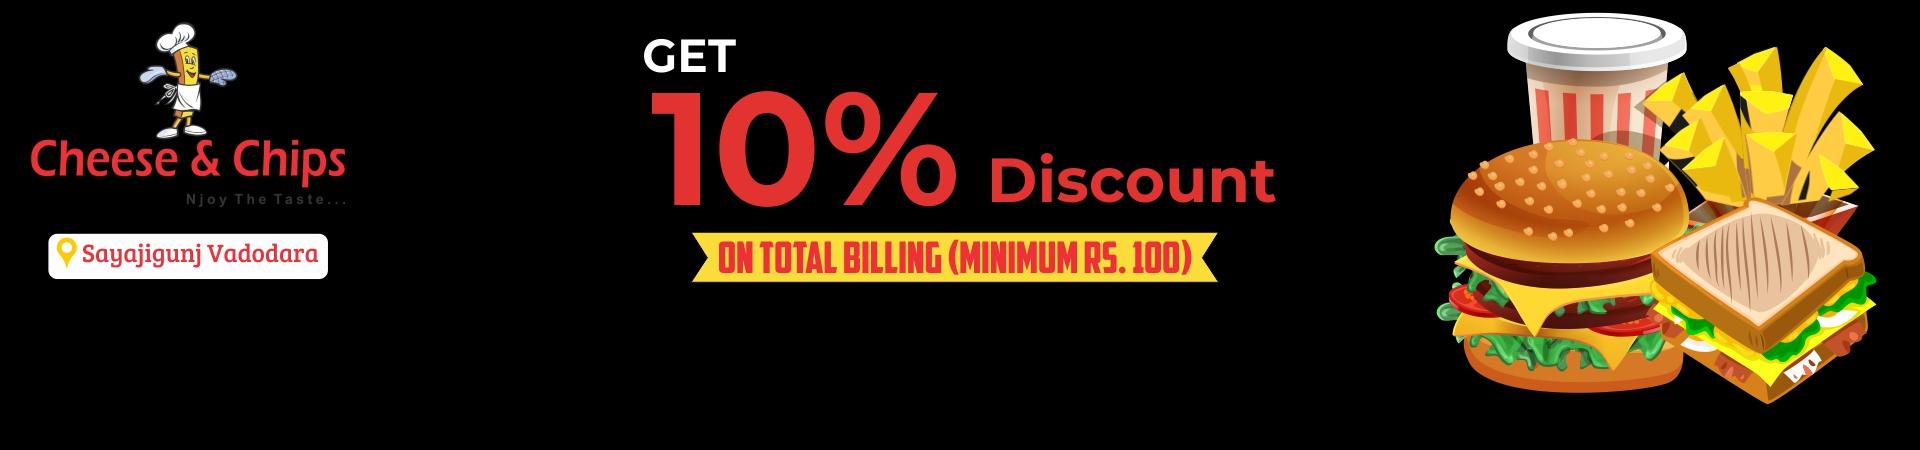 Get 10% Discount at Total Billing